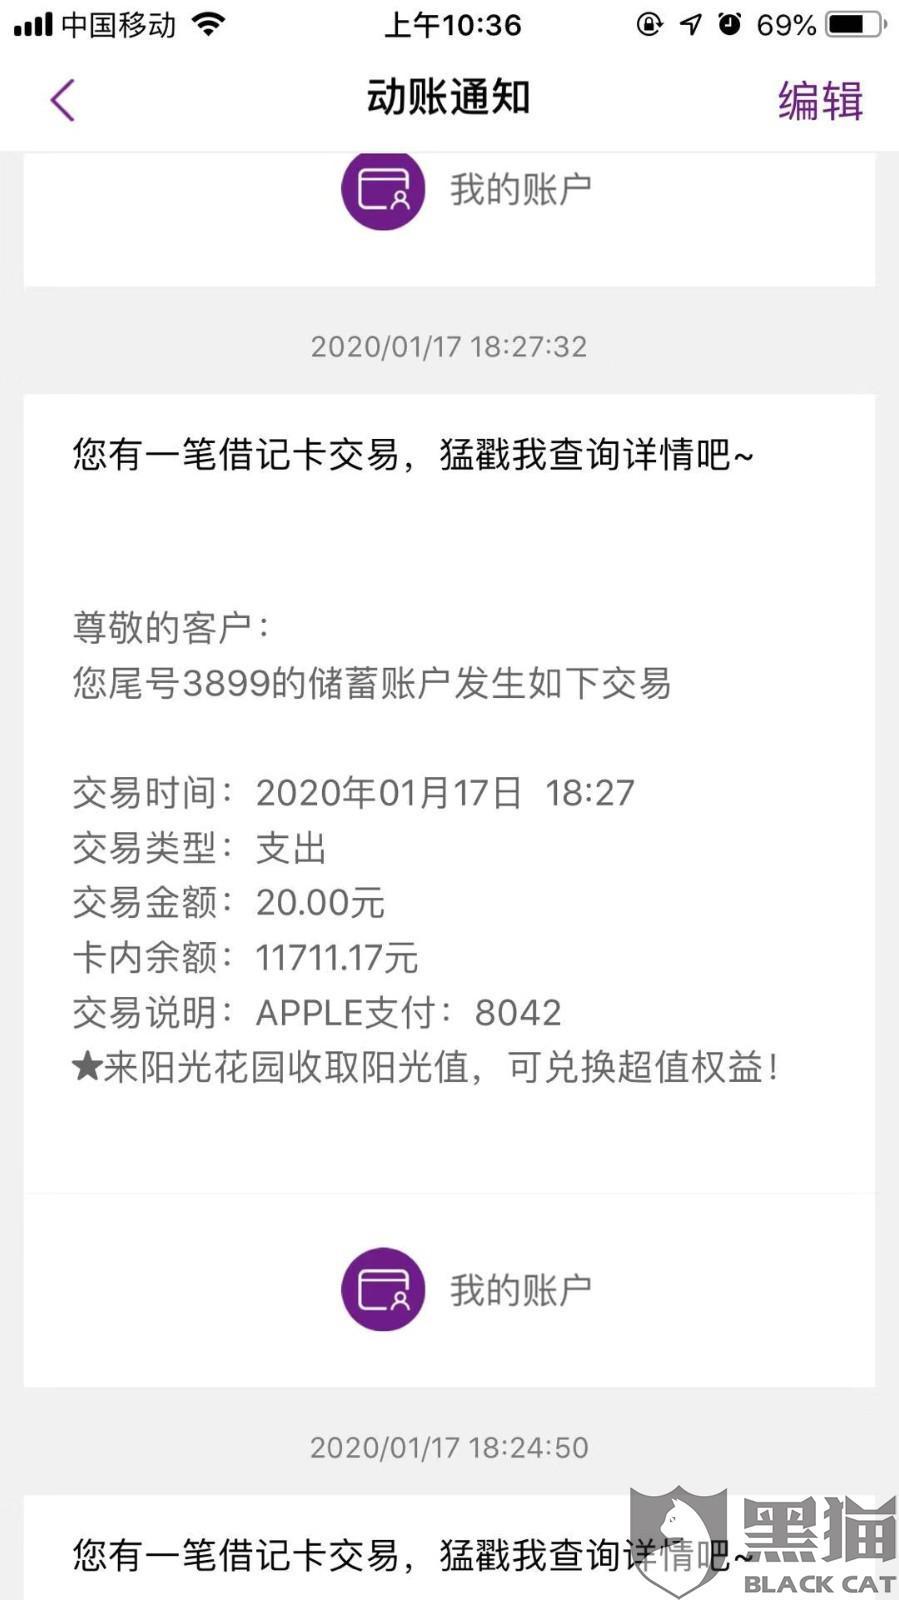 黑猫投诉:北京一卡通充值银行扣款成功但未到账